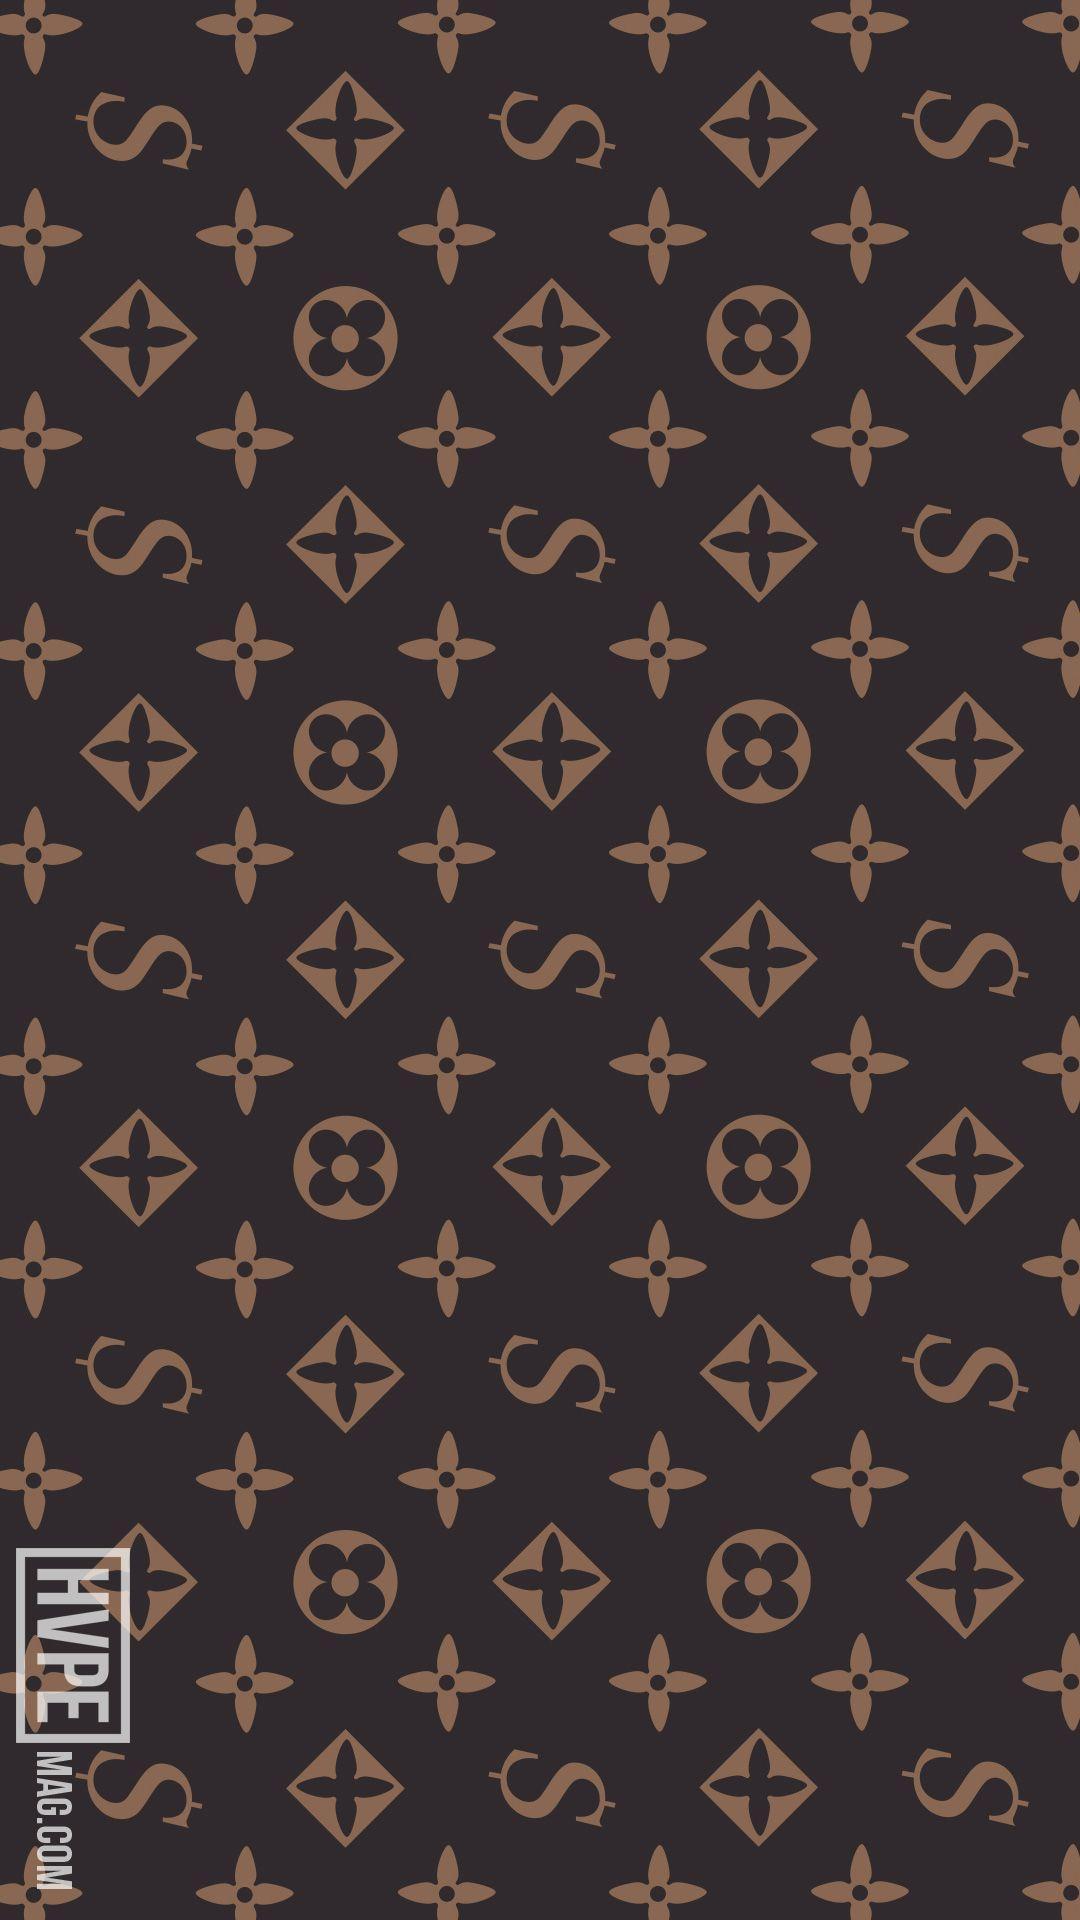 Supreme LV Wallpaper - AuthenticSupreme.com